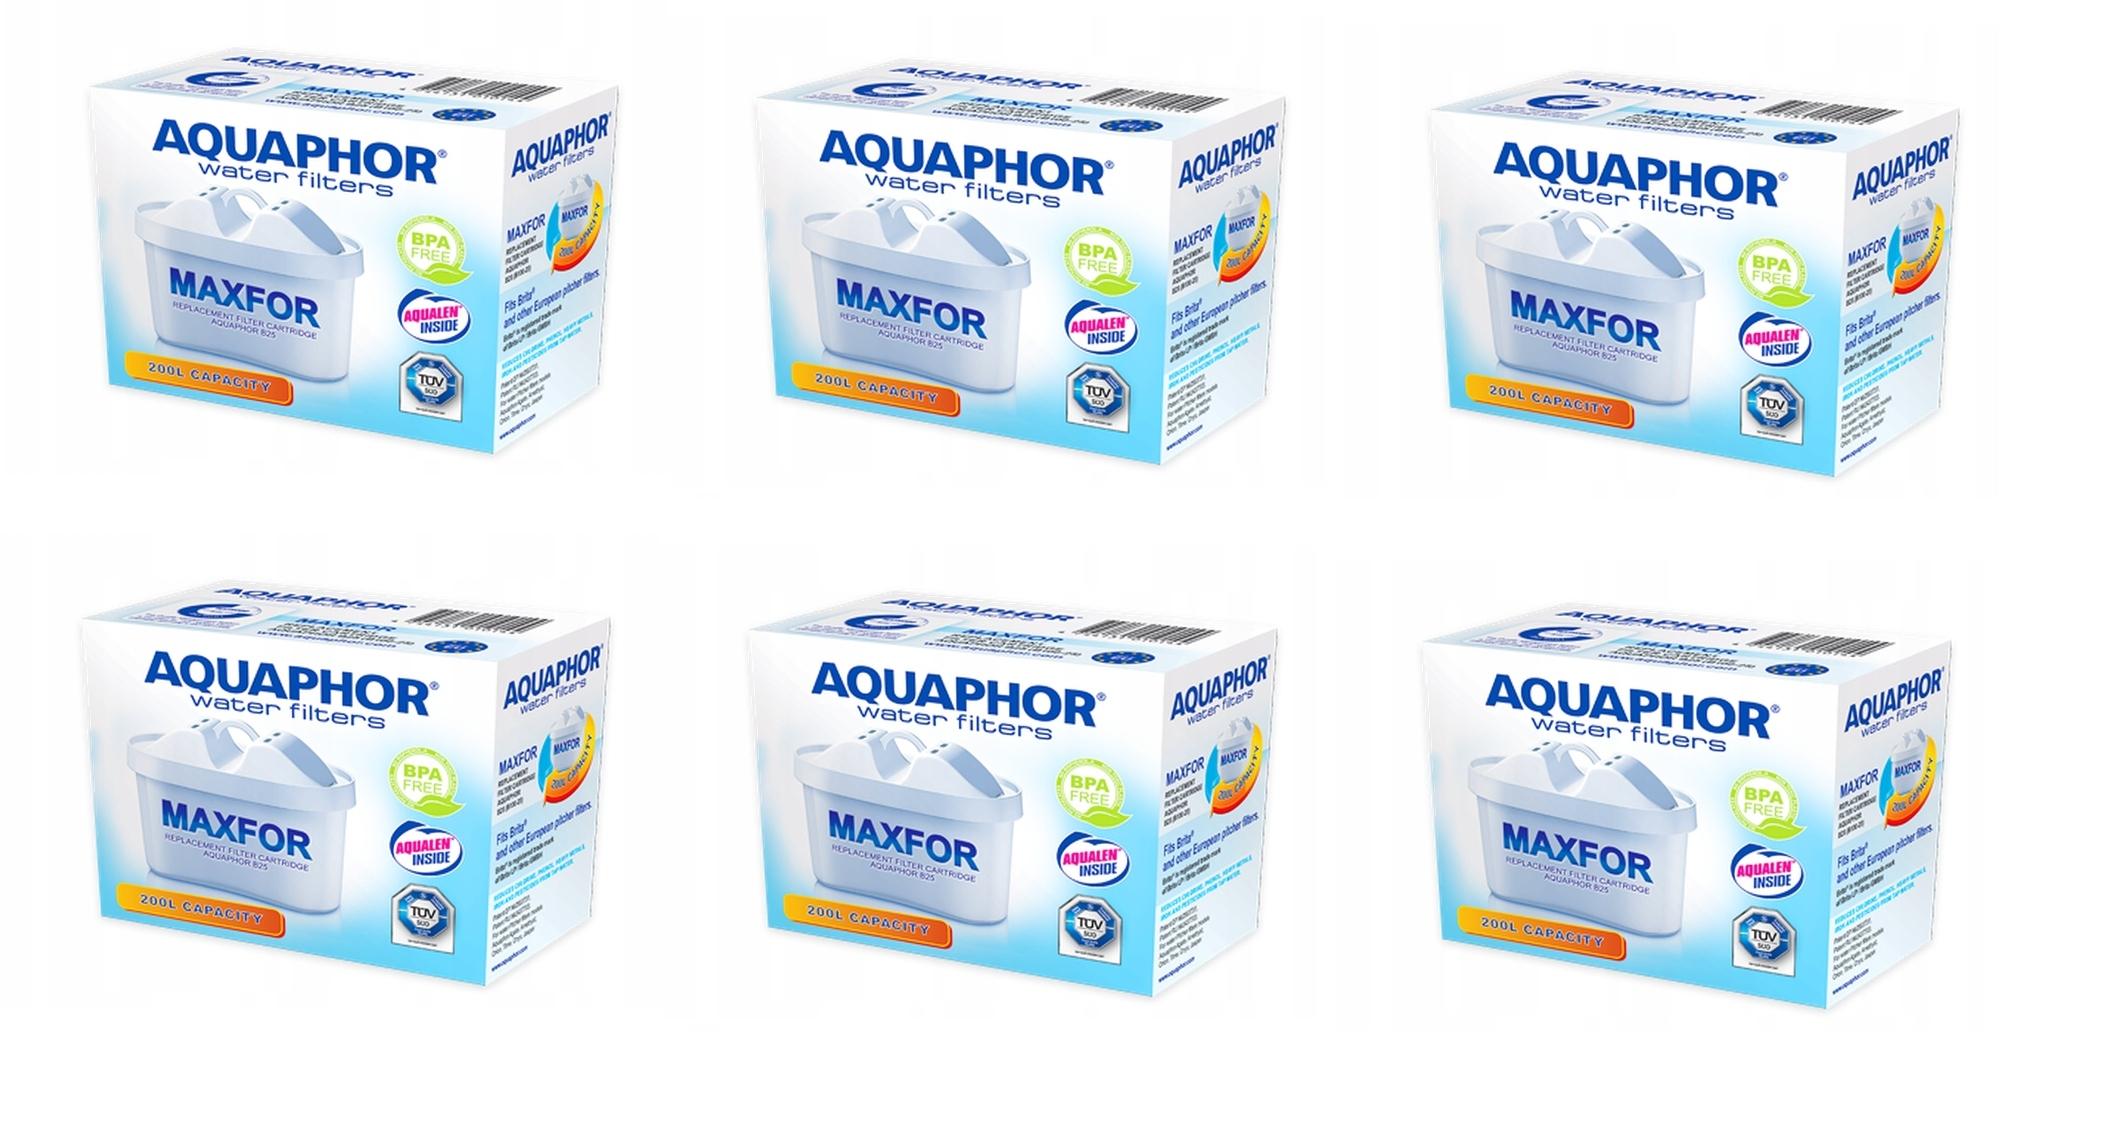 Filtr do wody Aquaphor Maxfor 6 szt. - 7,33zł/szt